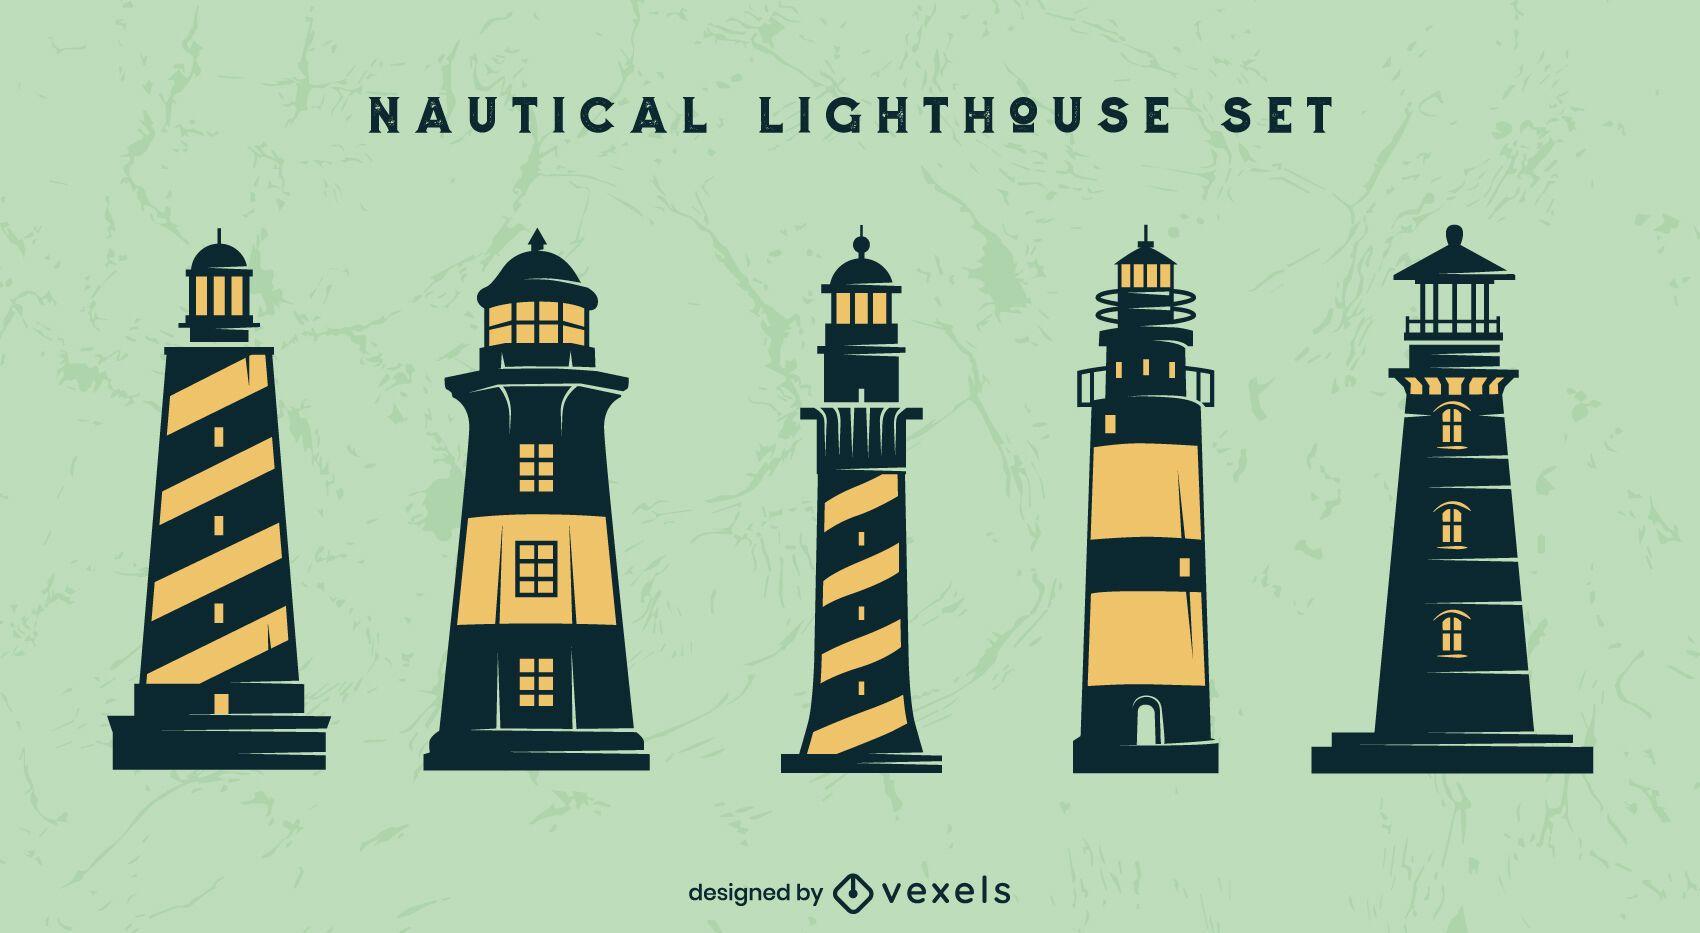 Nautical lighthouse element set